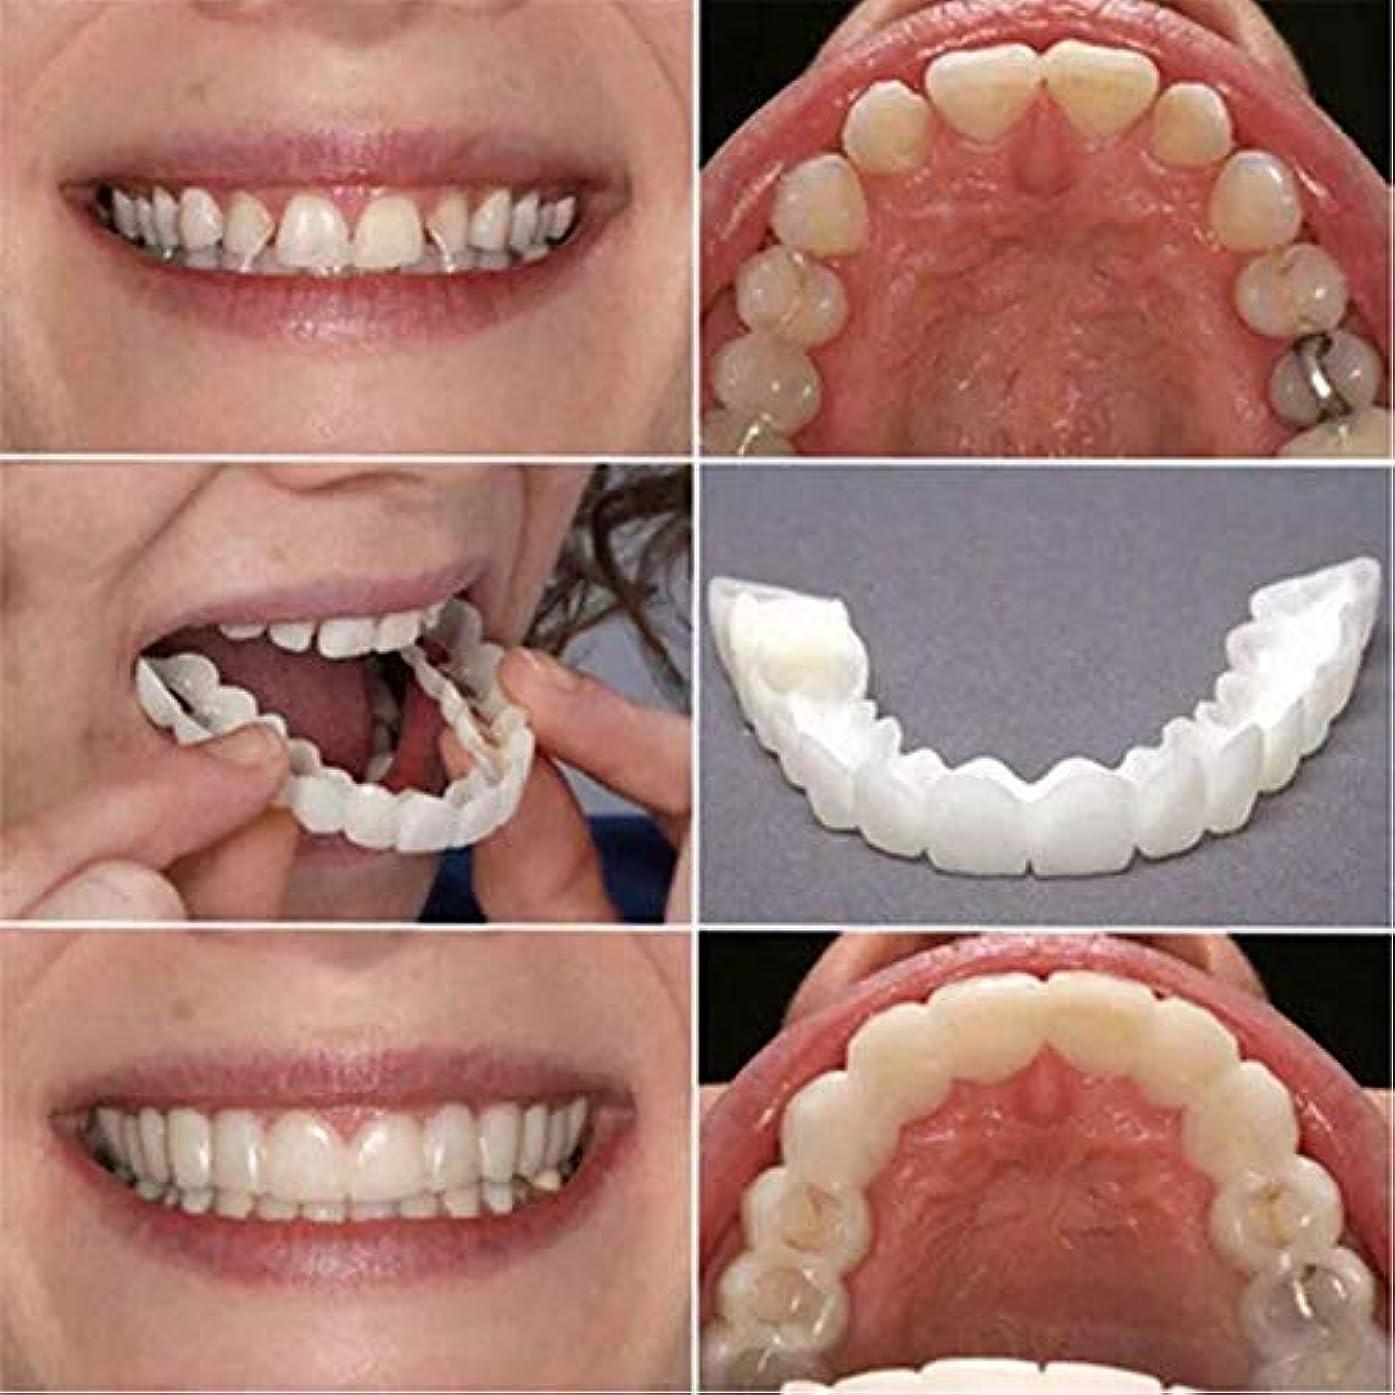 効率すでに運動する2個の歯ピースフィッティング快適なフィット歯のソケット義歯口腔用品矯正アクセティース 笑顔を保つ